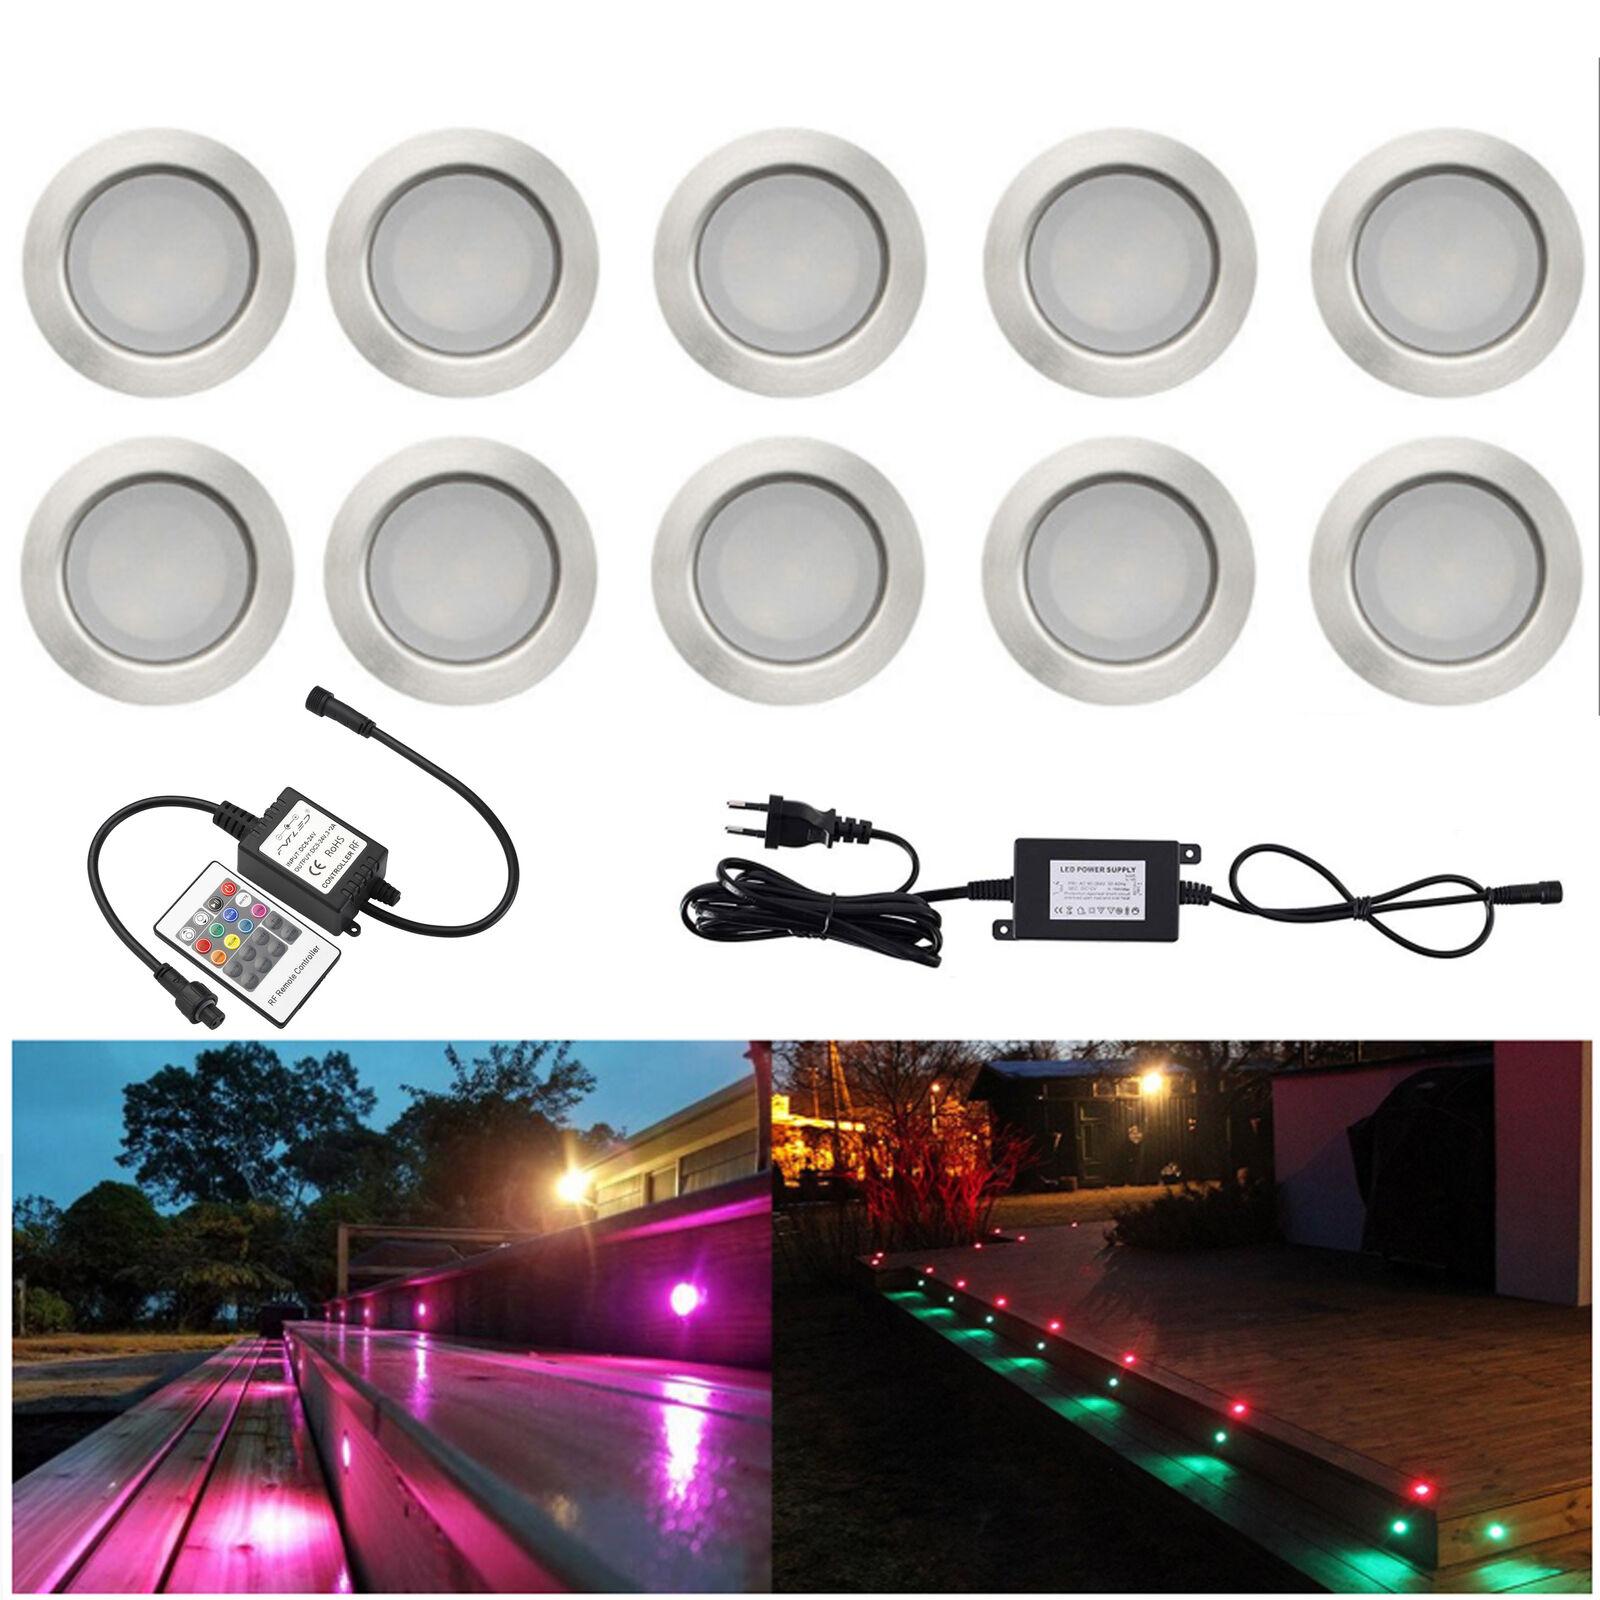 10er 45mm RGB LED Bodeneinbaustrahler Garten Außen Lampe Spot Einbauleuchte 5W